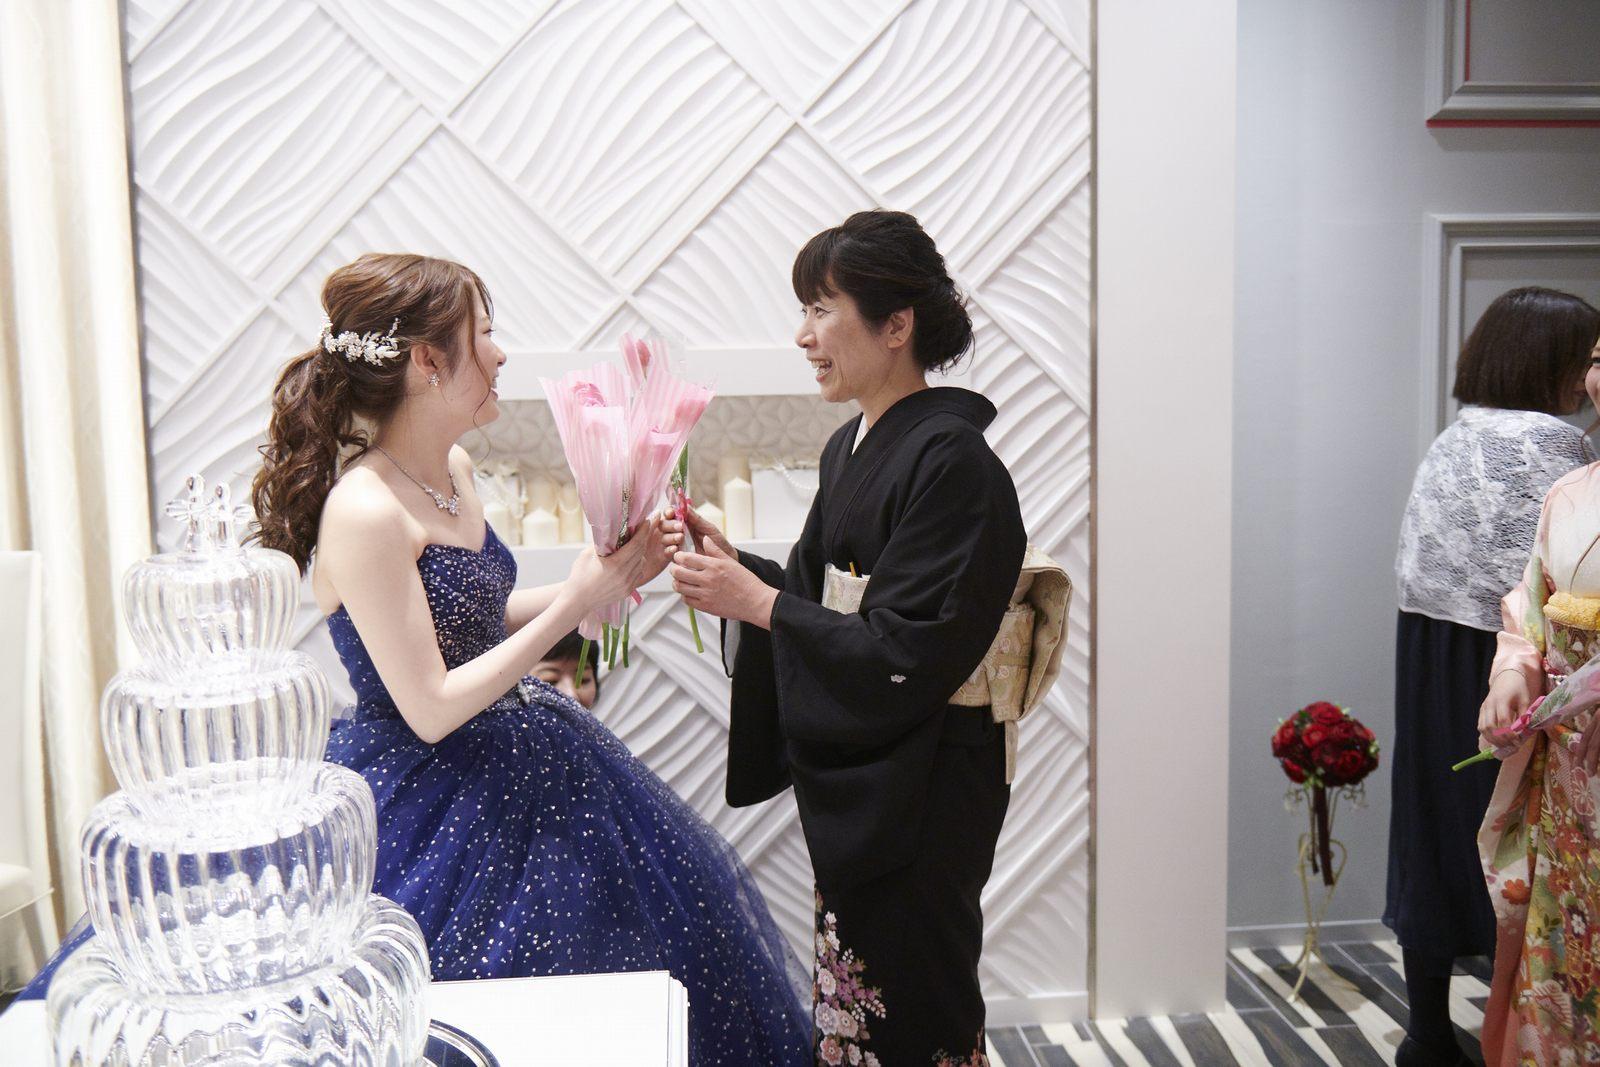 徳島市の結婚式場ブランアンジュでご親族からサプライズプレゼントを贈られた新婦様